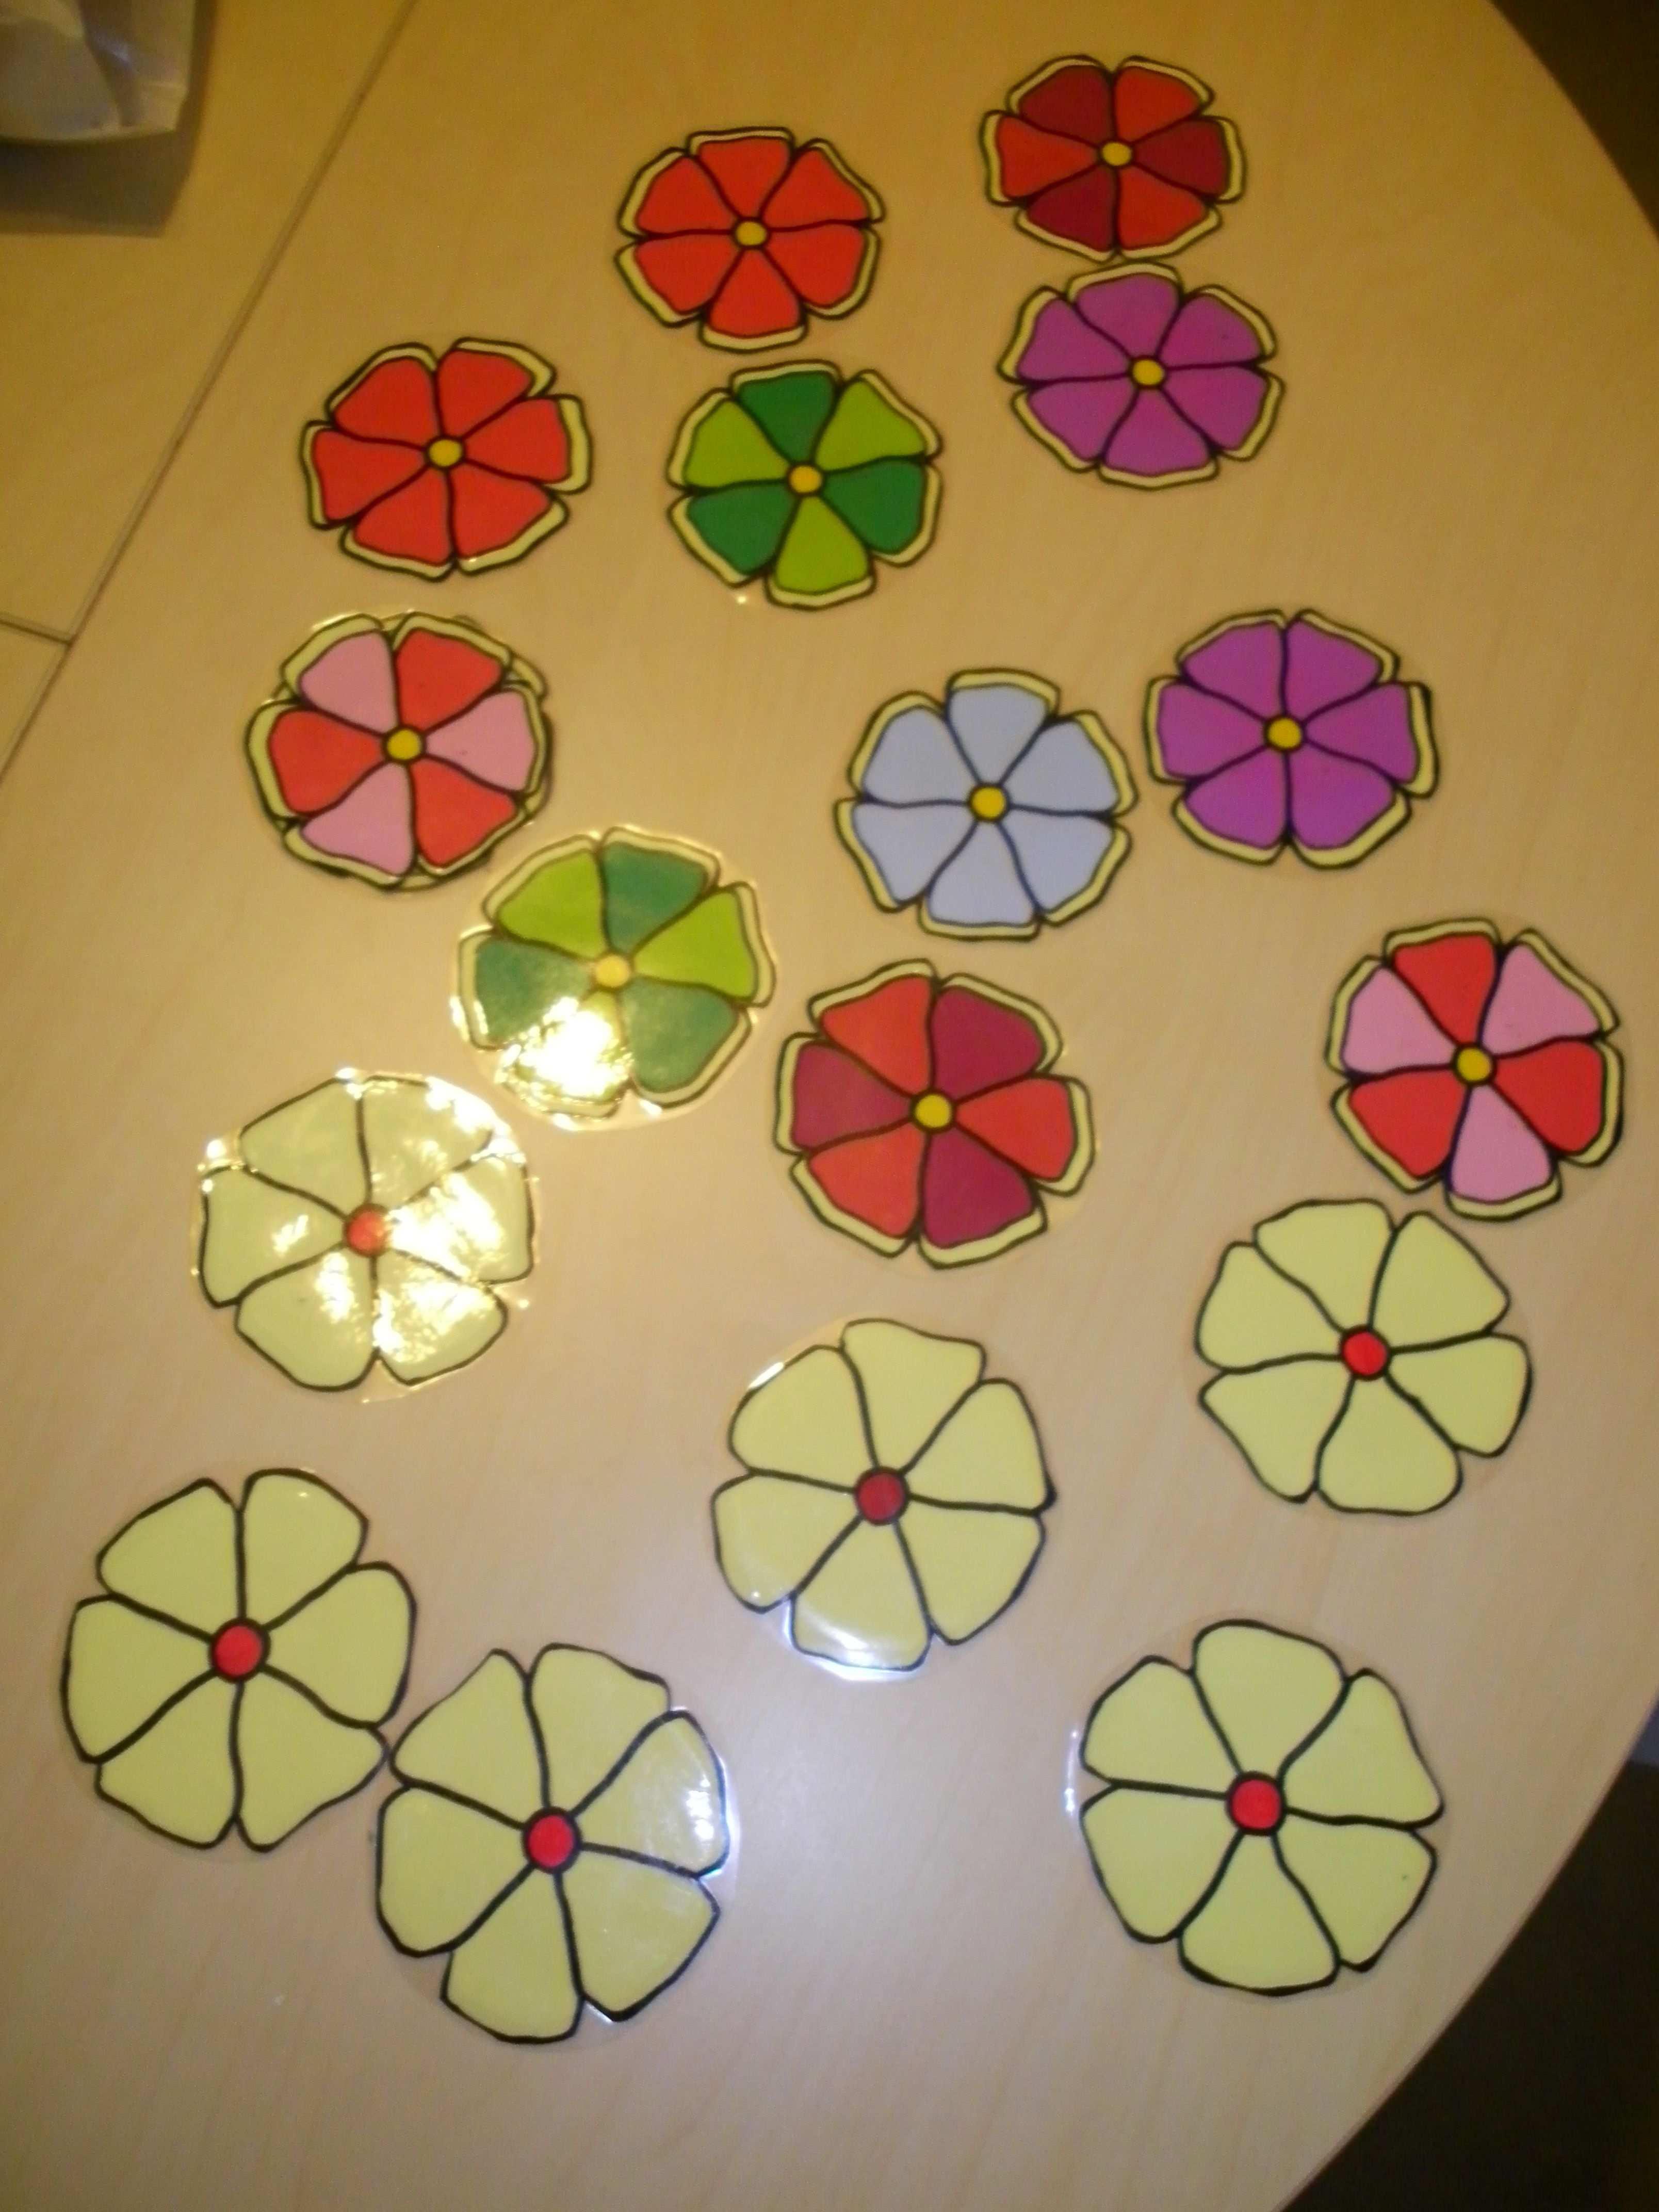 Kleurplaat Lente Bloembollen Kleurplaten Thema Lentebloemen